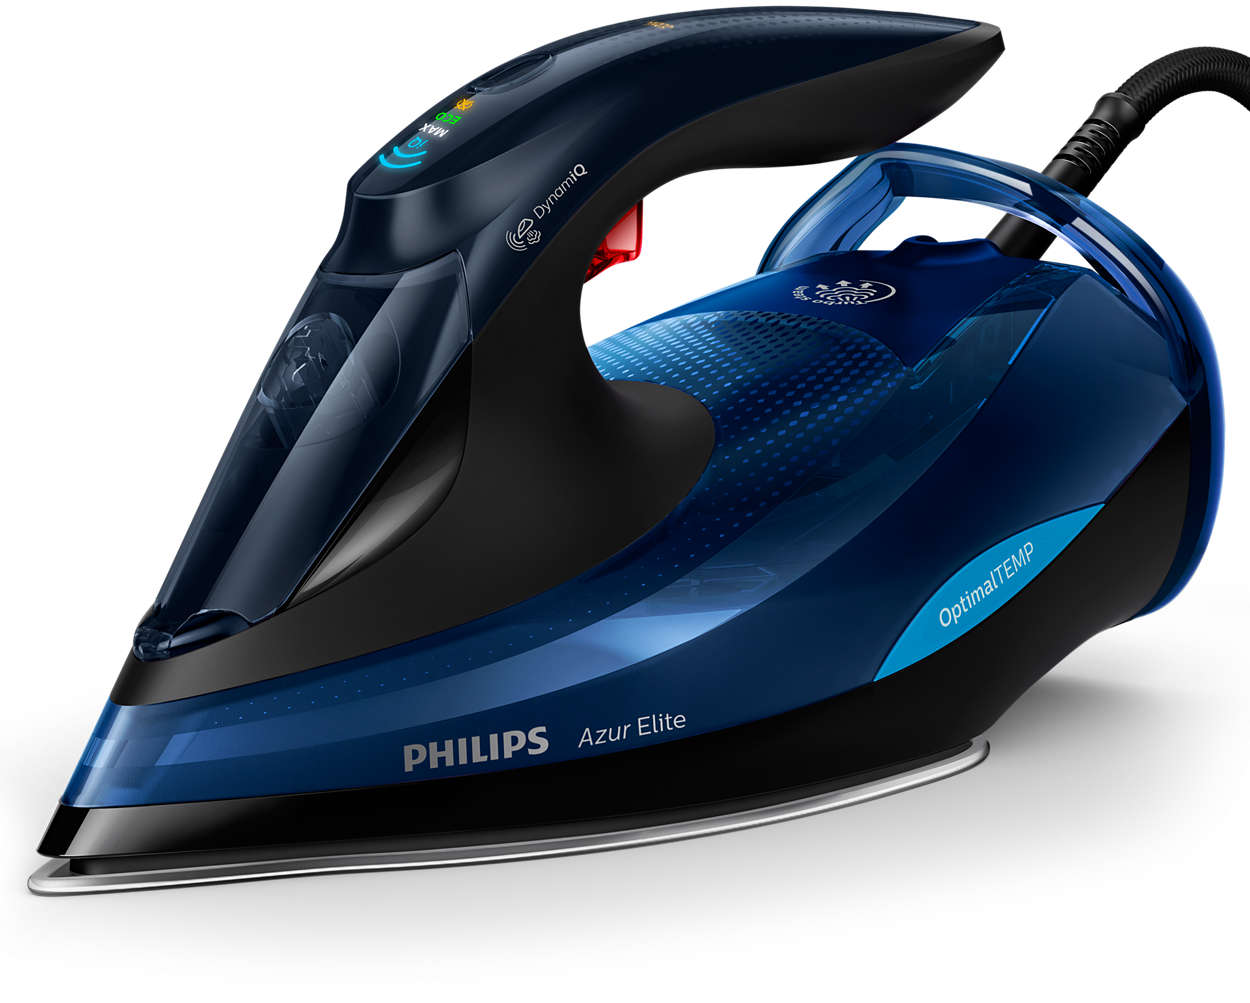 Philips mest kraftfulle dampstrykejern, nå med smart sensor!